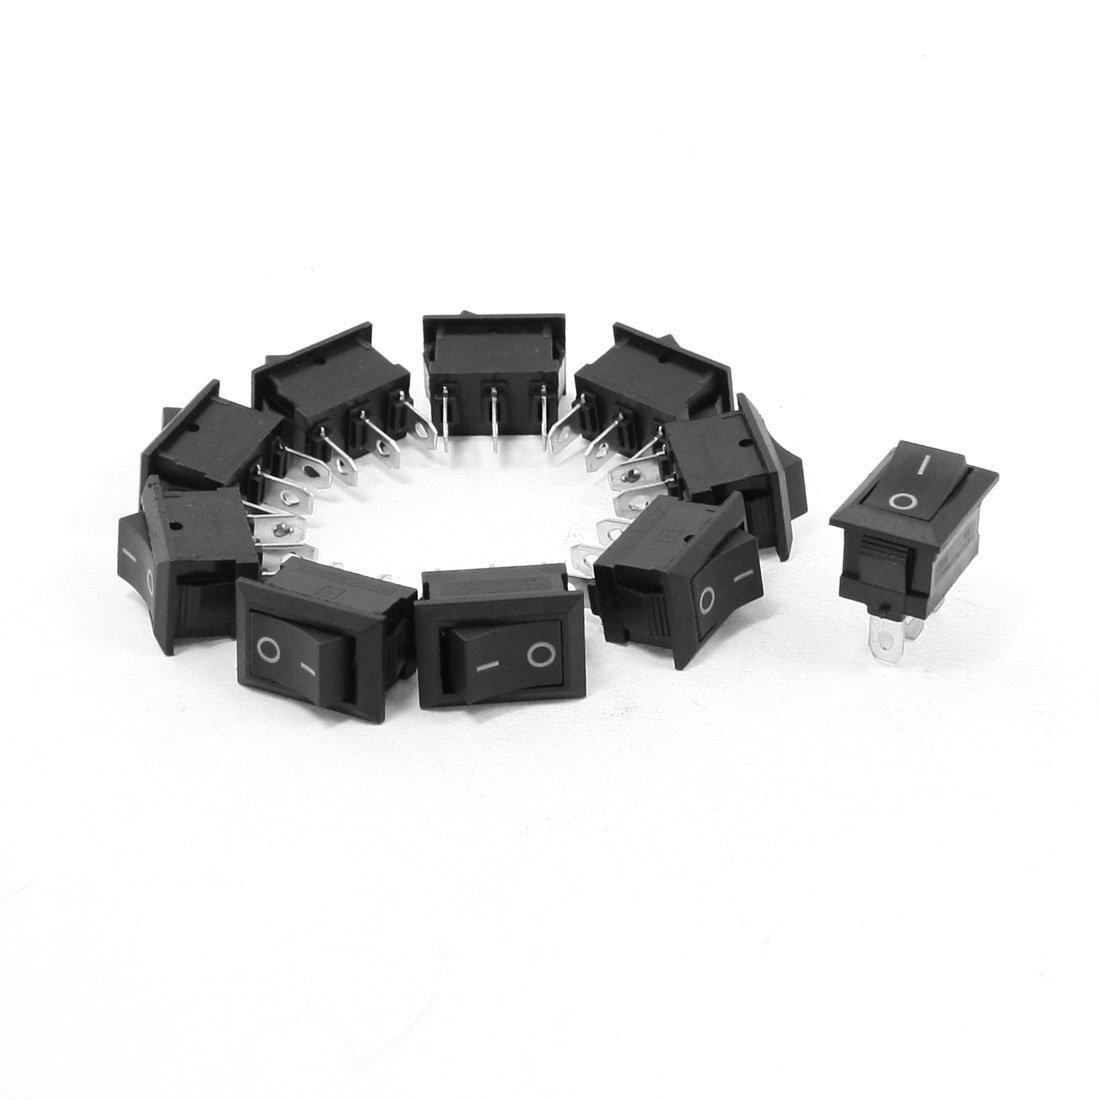 10 piezas de AC 250V 6A a 125V 10A 3 Pin Botó n Negro SPDT interruptor basculante DealMux